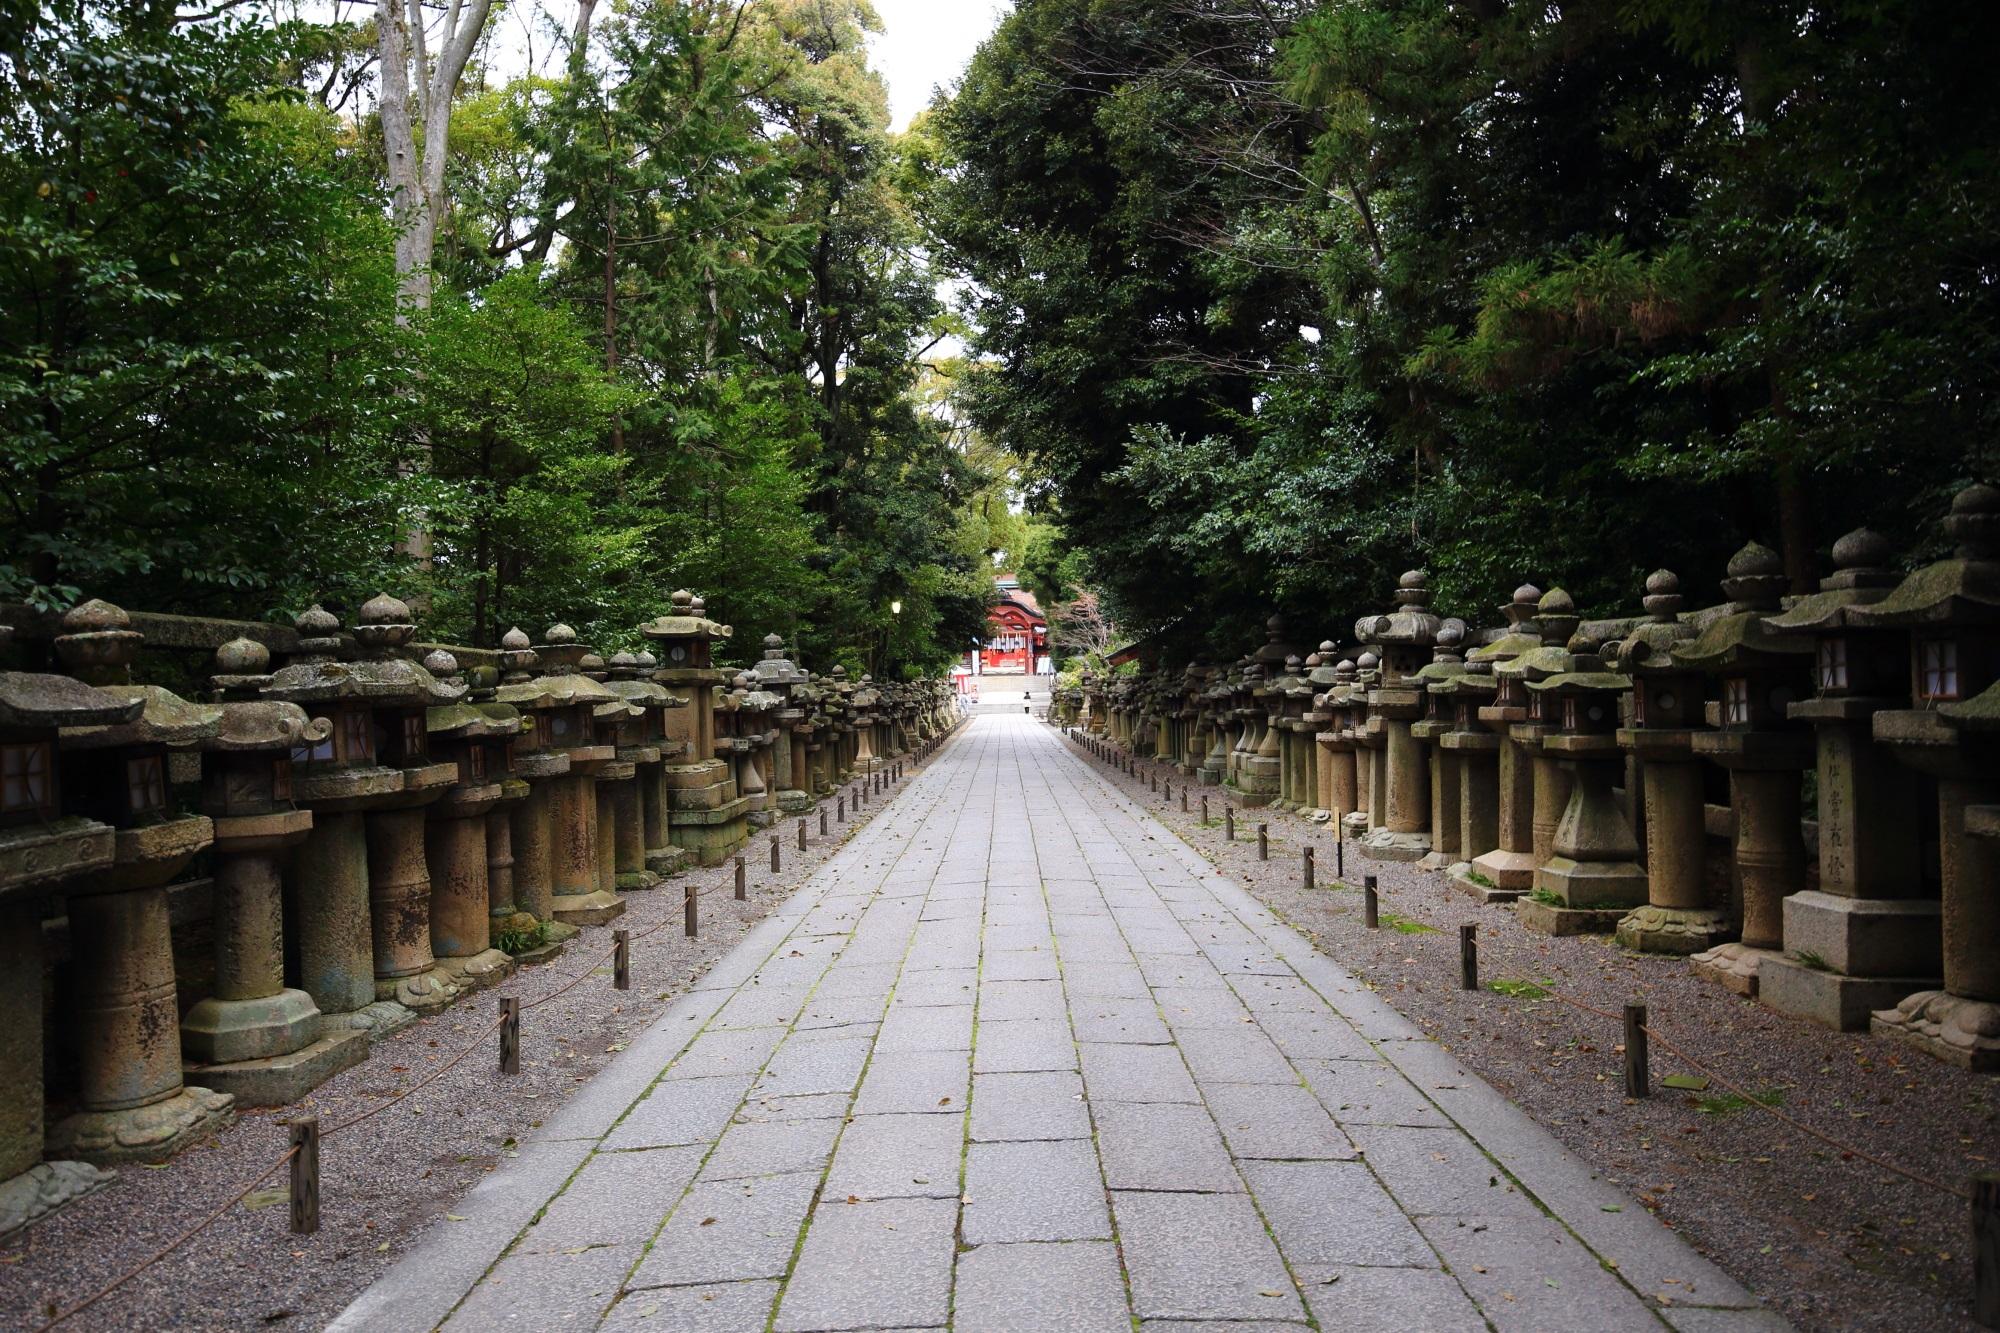 奥に南総門が見える石清水八幡宮の燈籠が並んだ長い参道